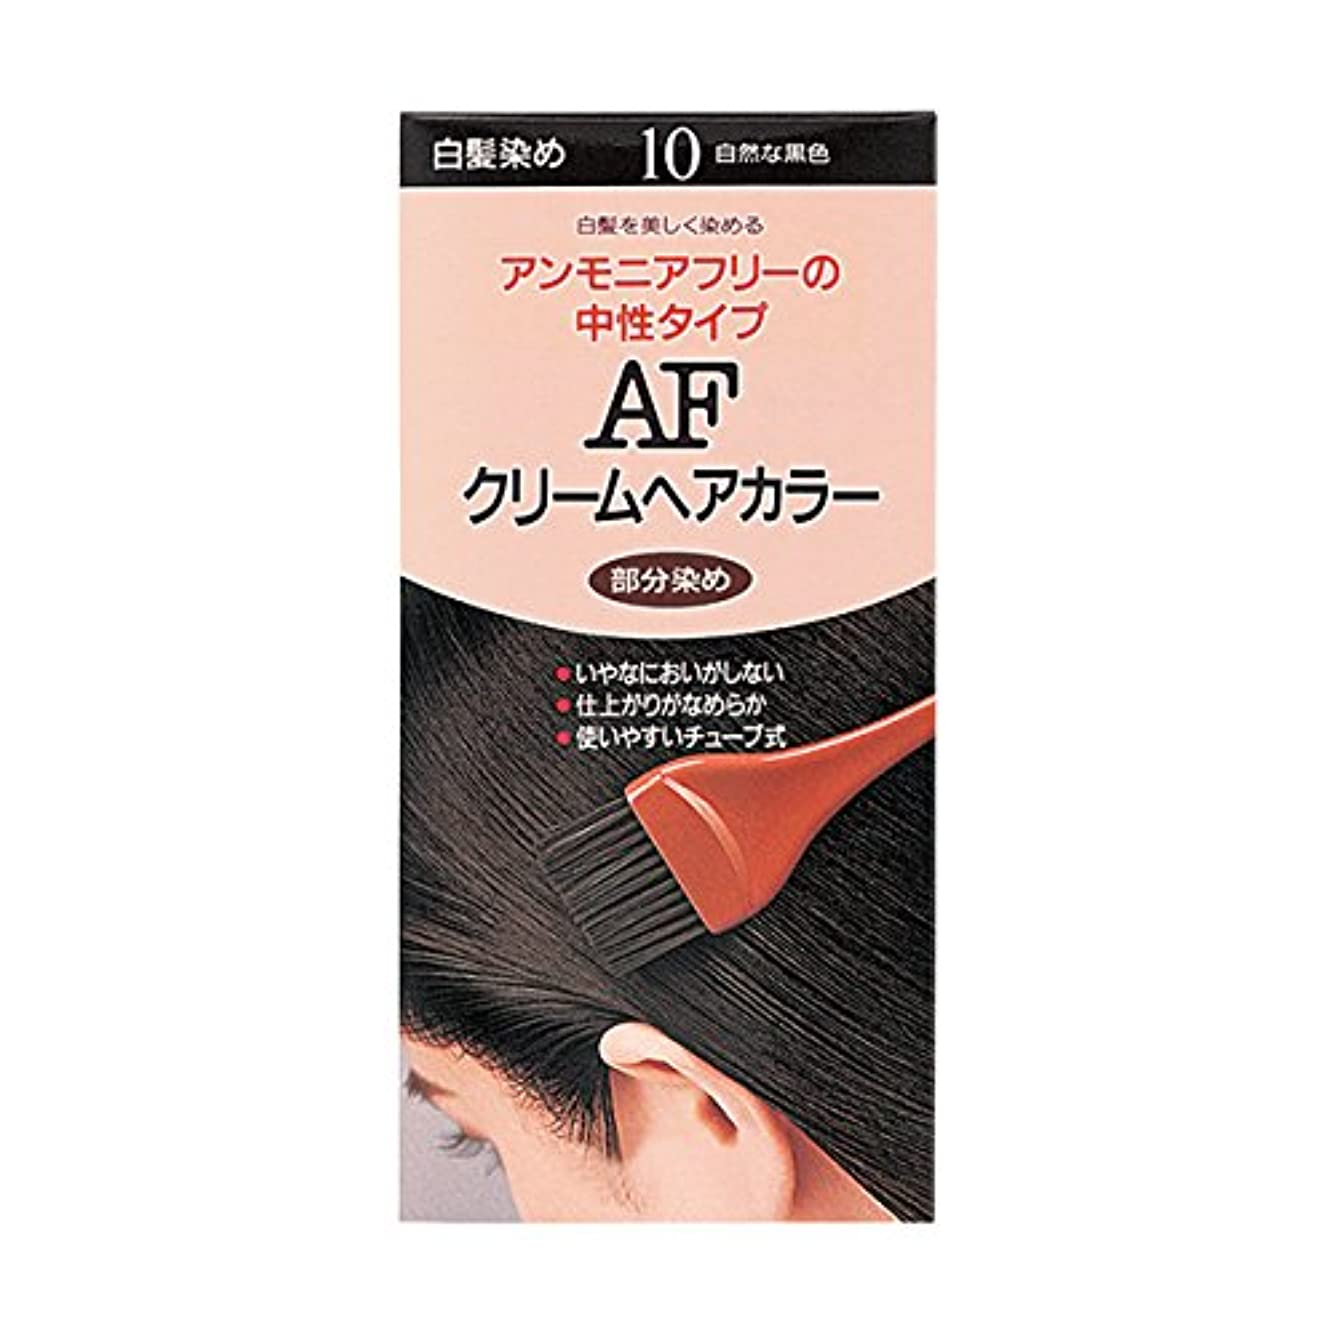 バット骨折シャッフルヘアカラー AFクリームヘアカラー 10 【医薬部外品】